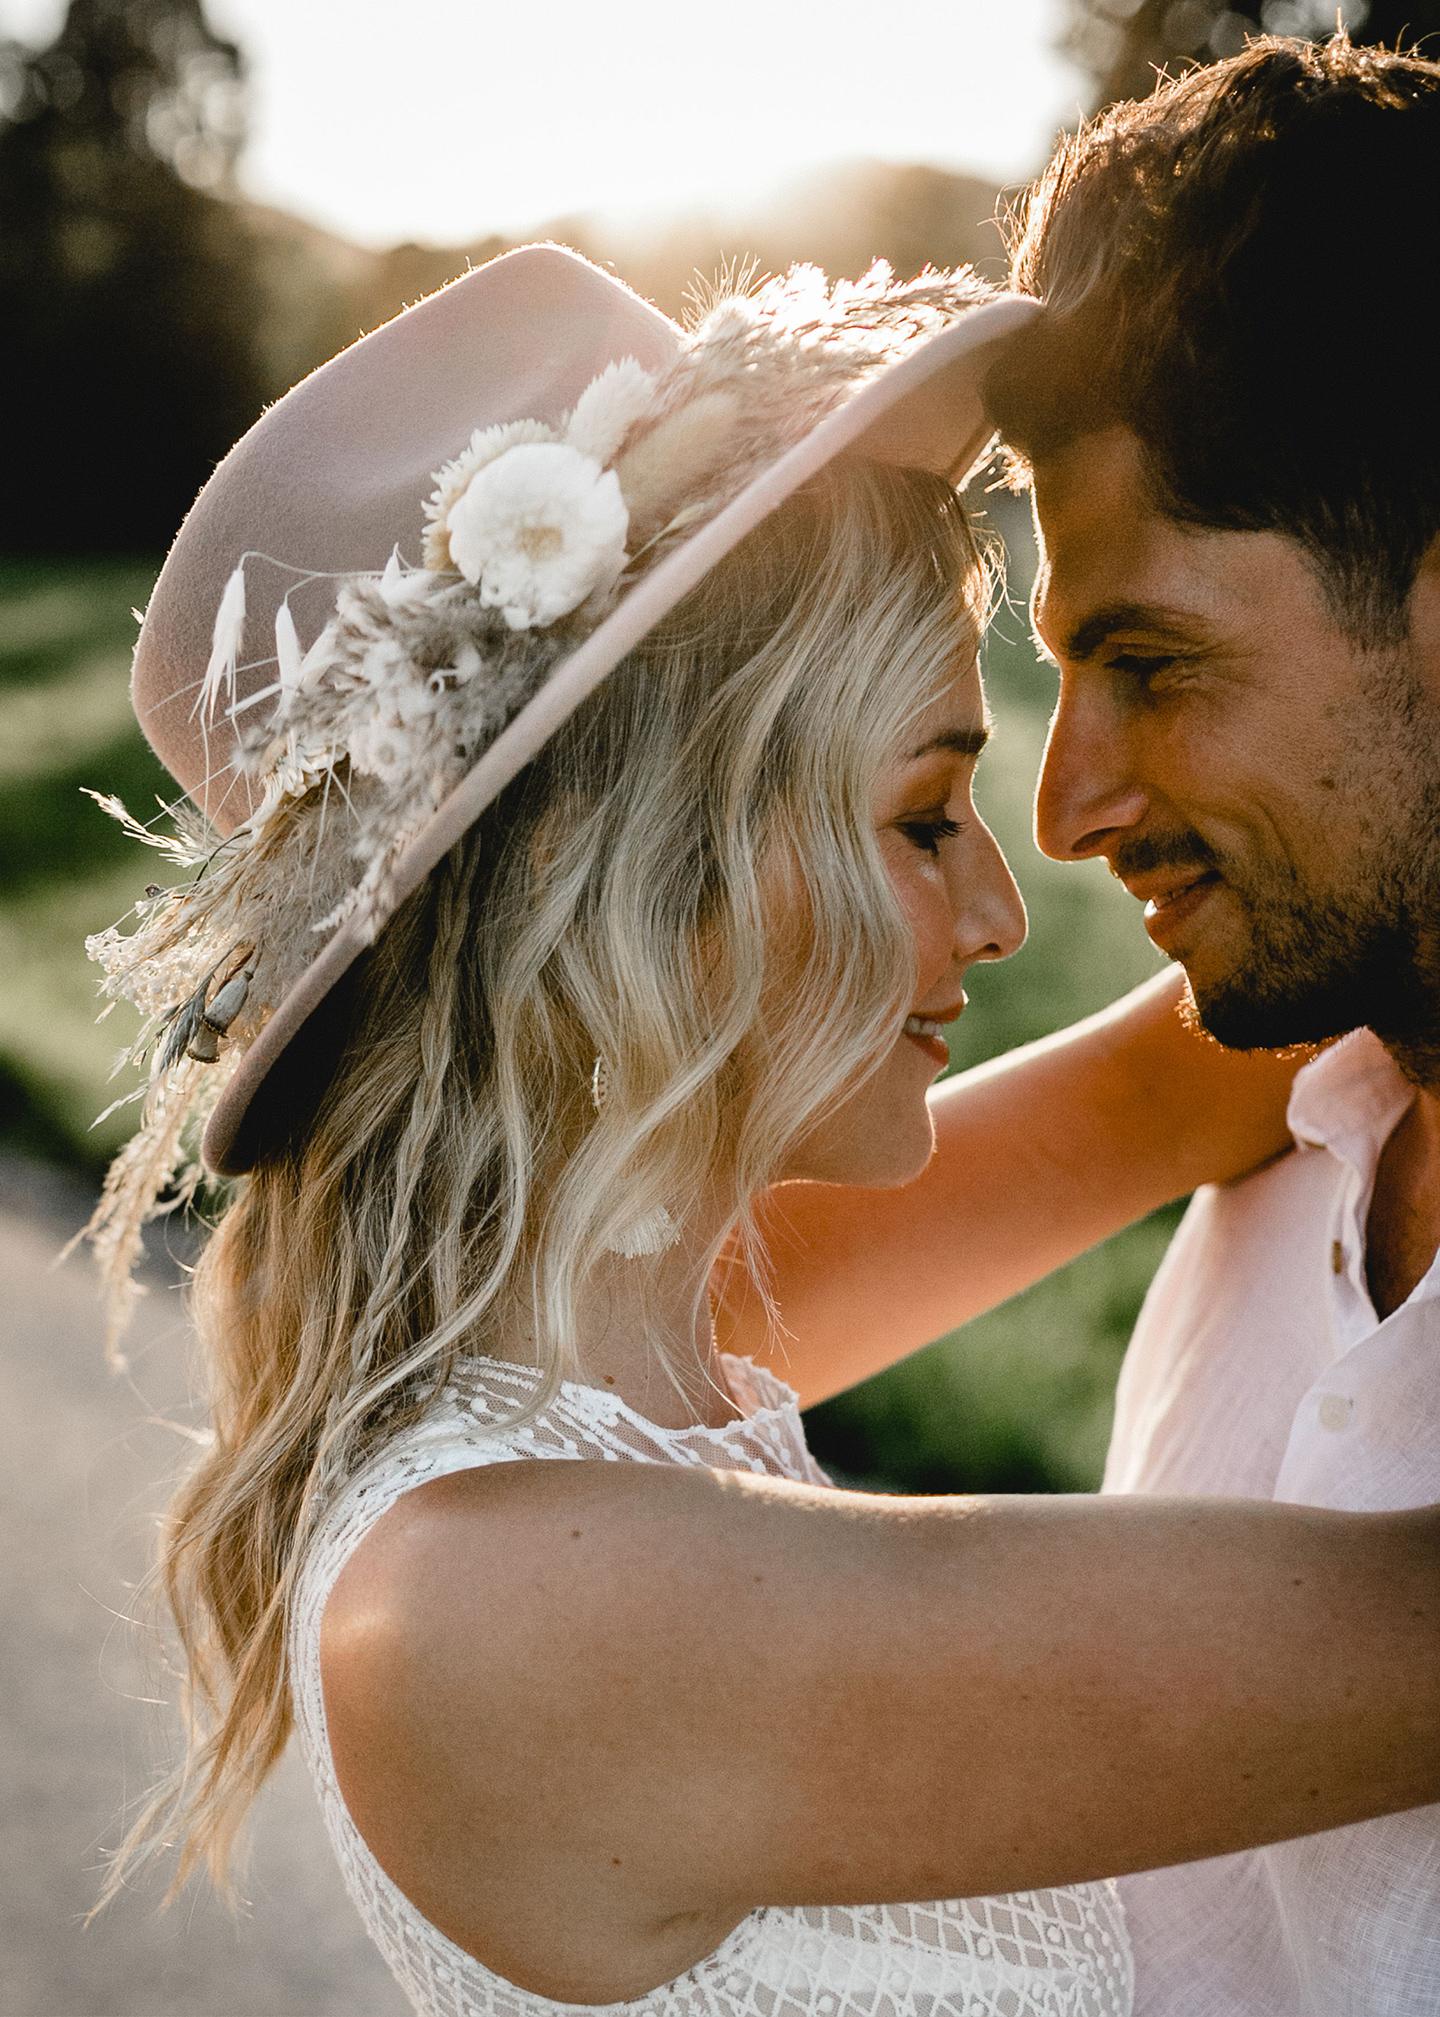 Verliebt umarmt sich das Brautpaar im untergehenden Sonnenlicht.